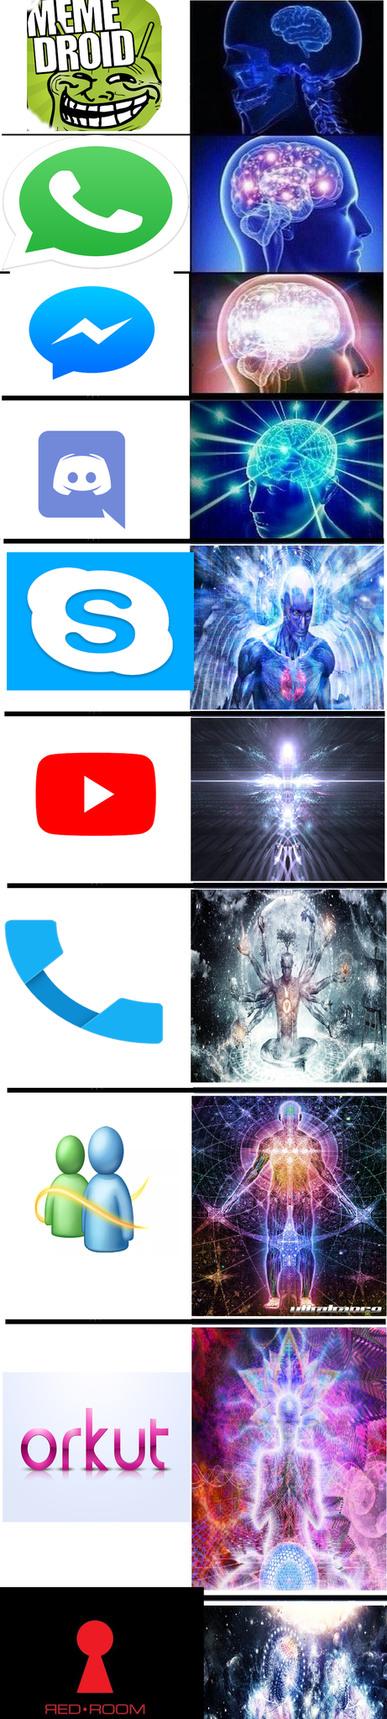 Melhor jeito de se comunicar - meme